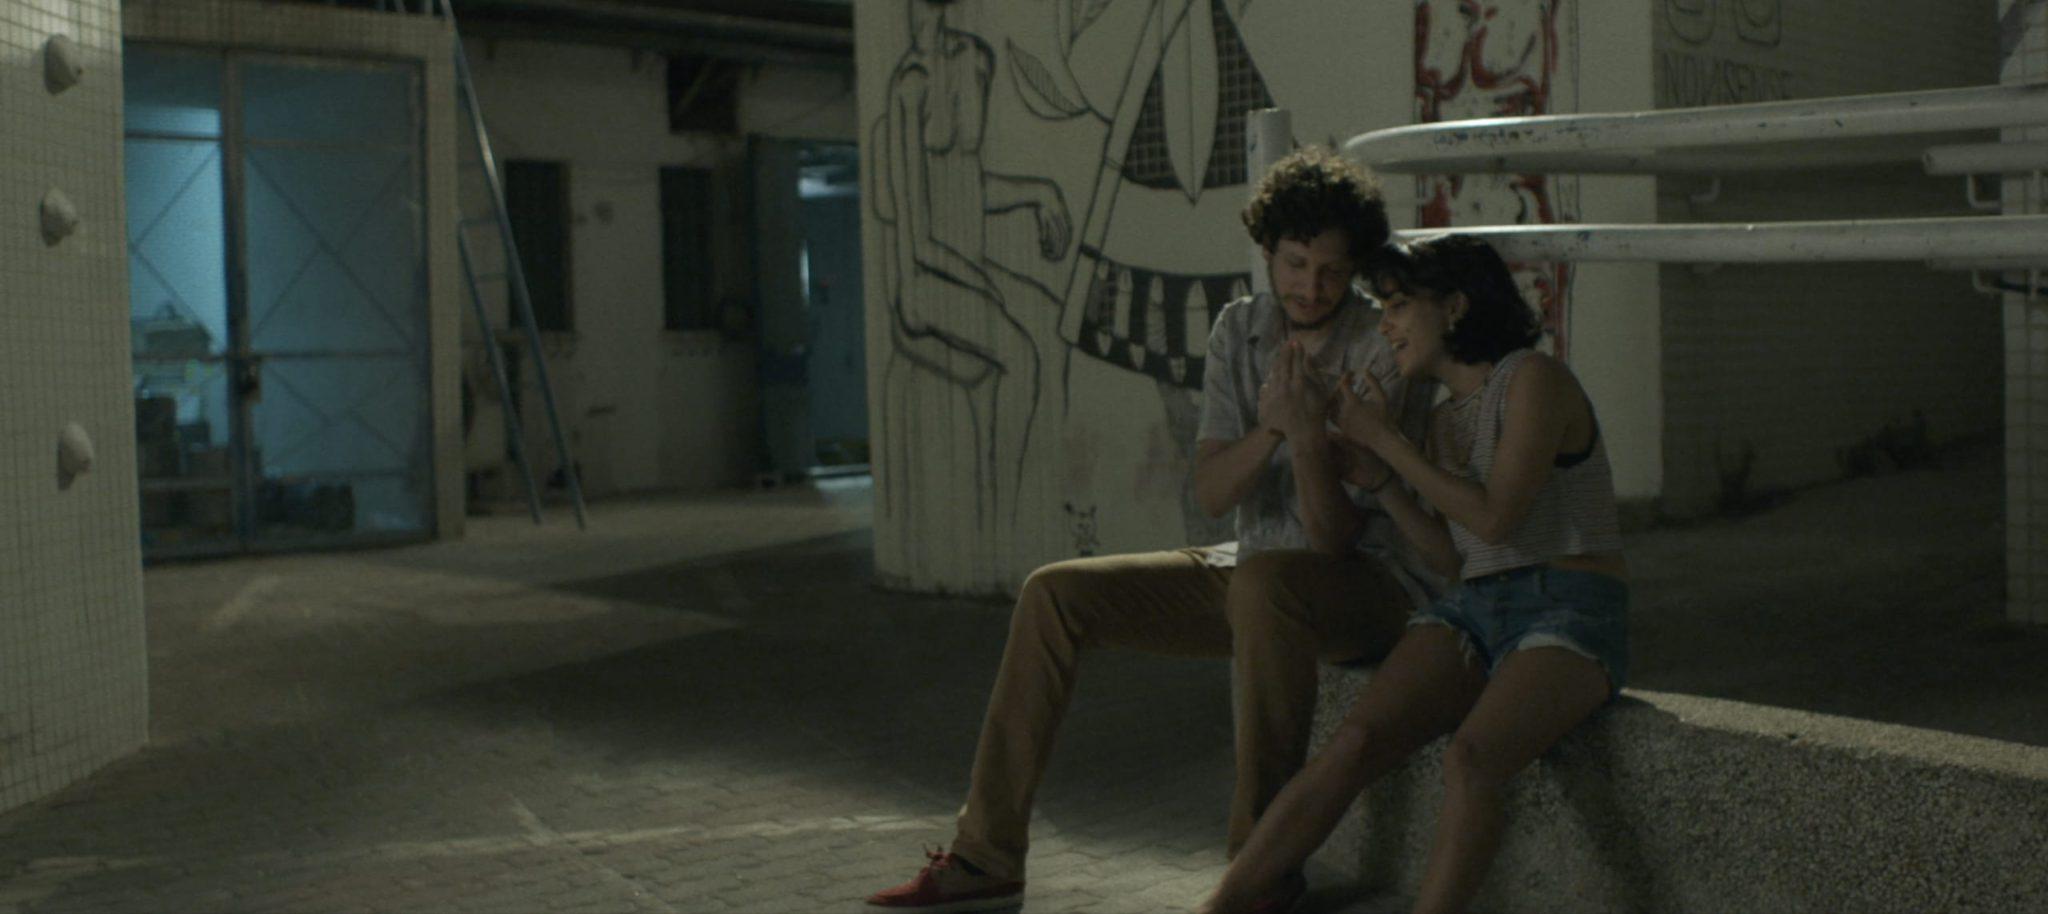 People That Are Not Me de Hadas Ben Aroya image film